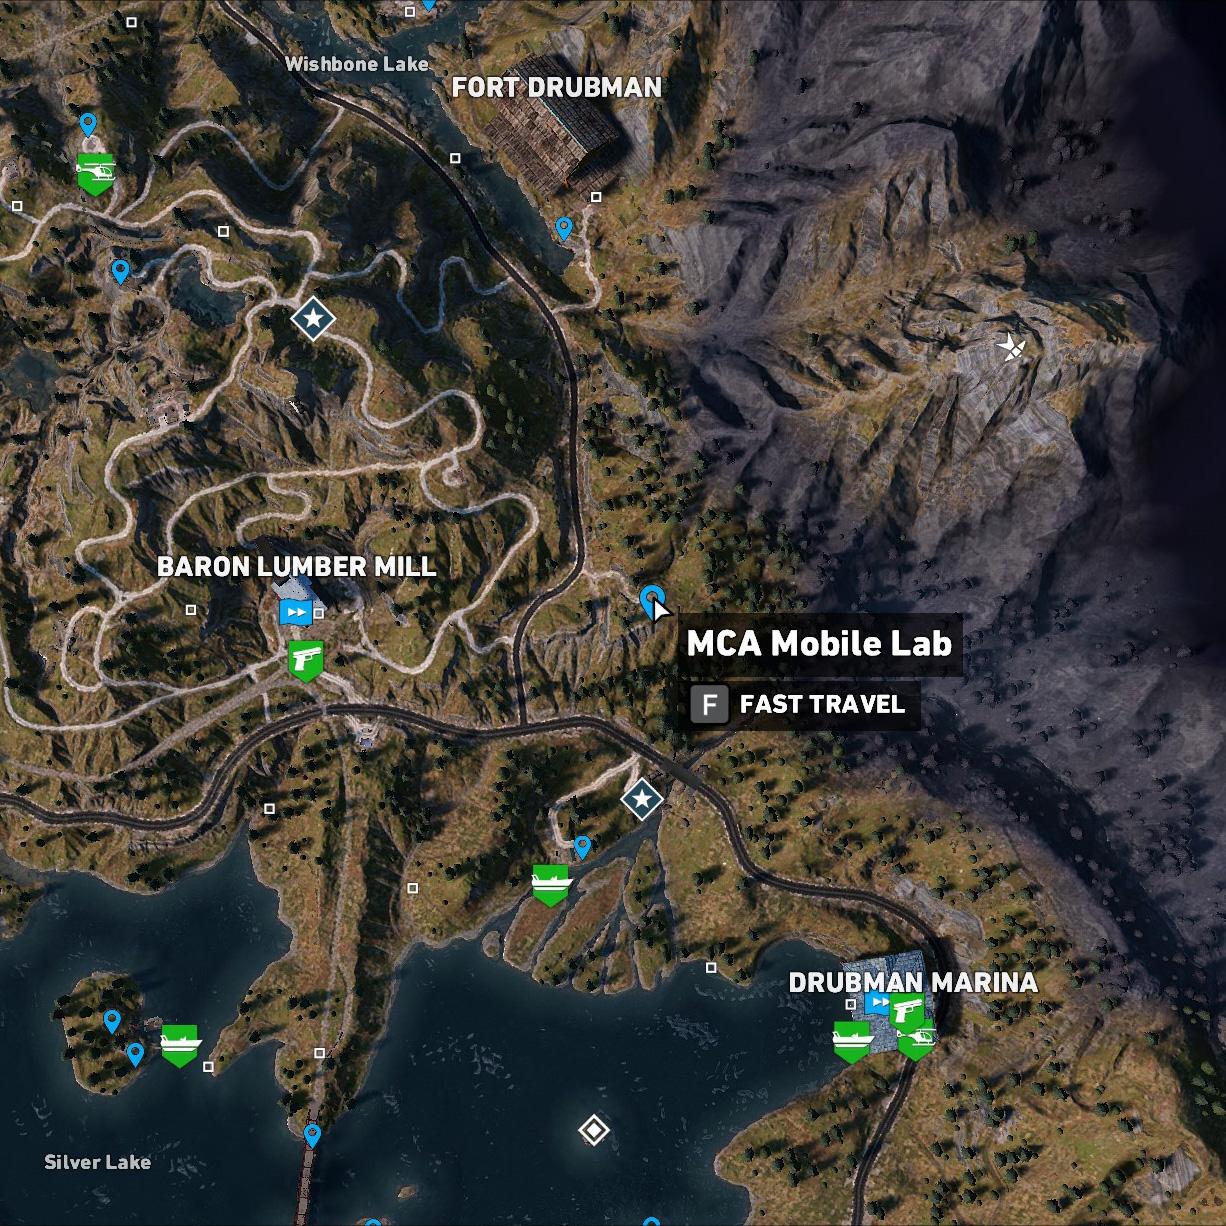 MCA Mobile Lab